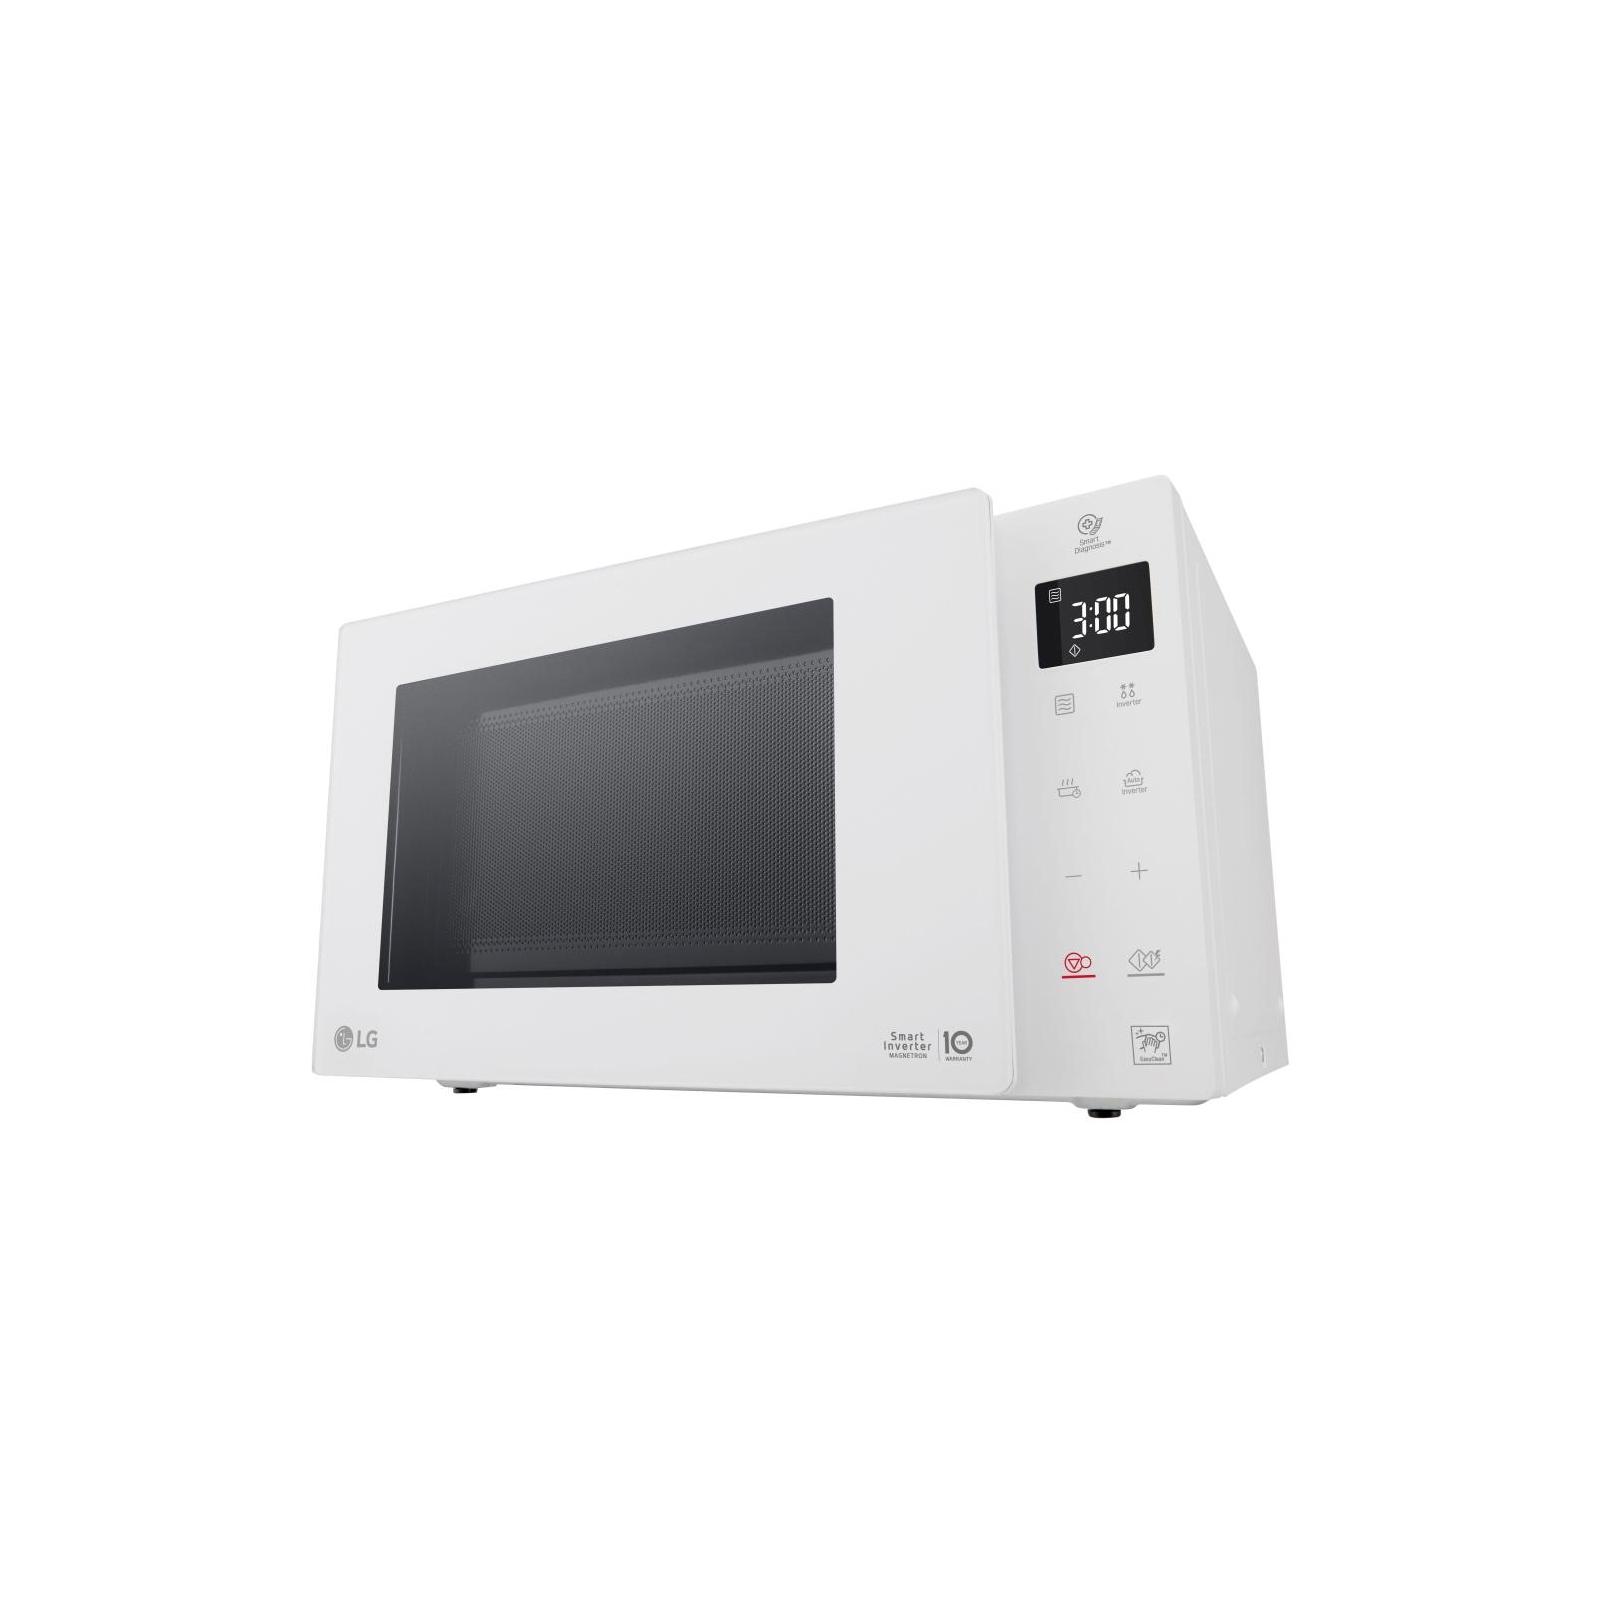 Микроволновая печь LG MS2336GIH изображение 4